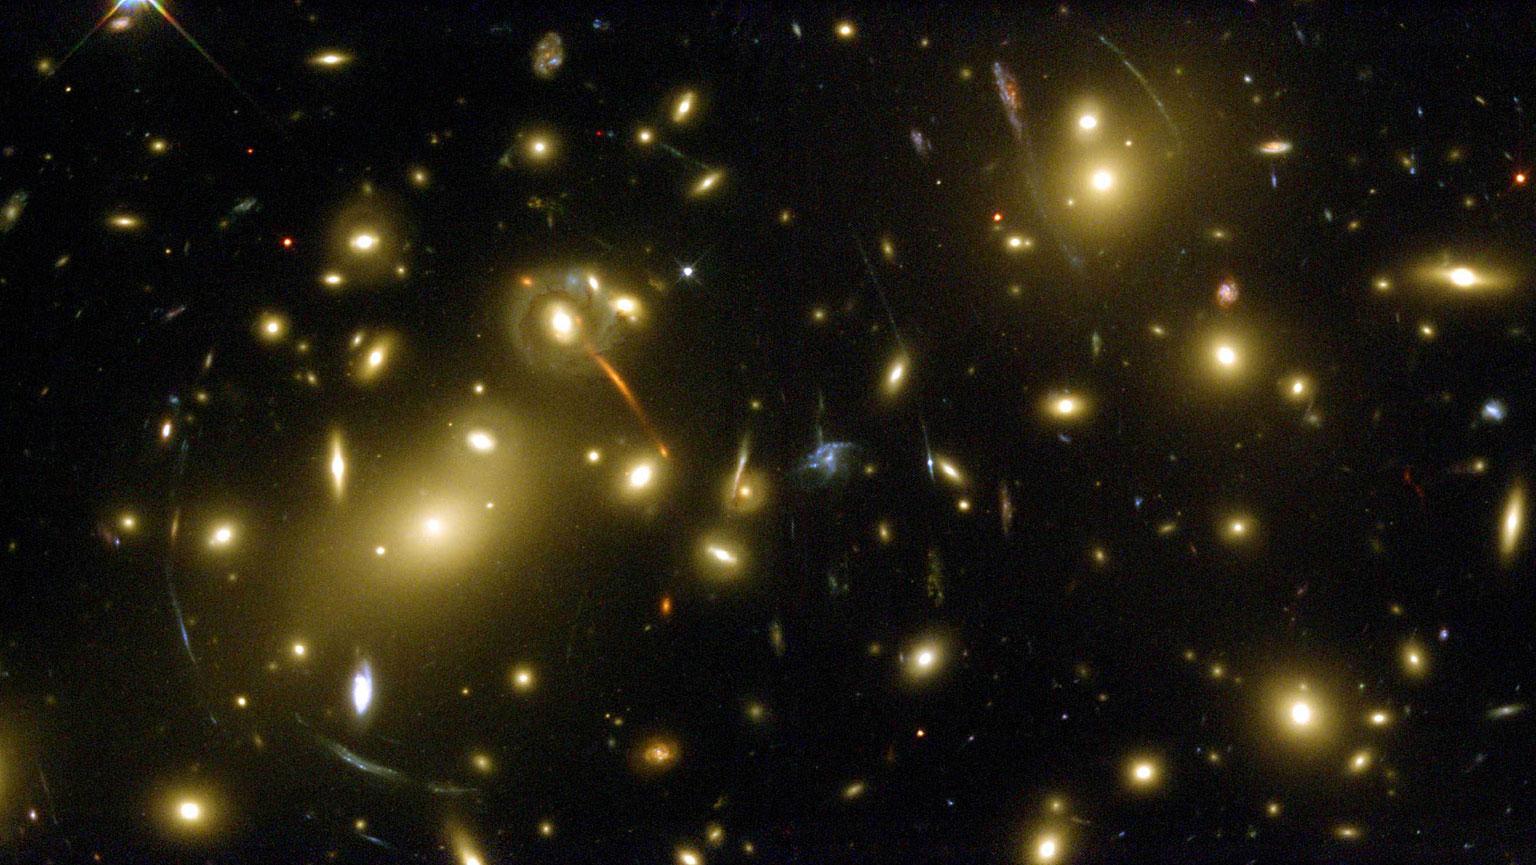 Abell 2218—A Massive Gravitational Lens